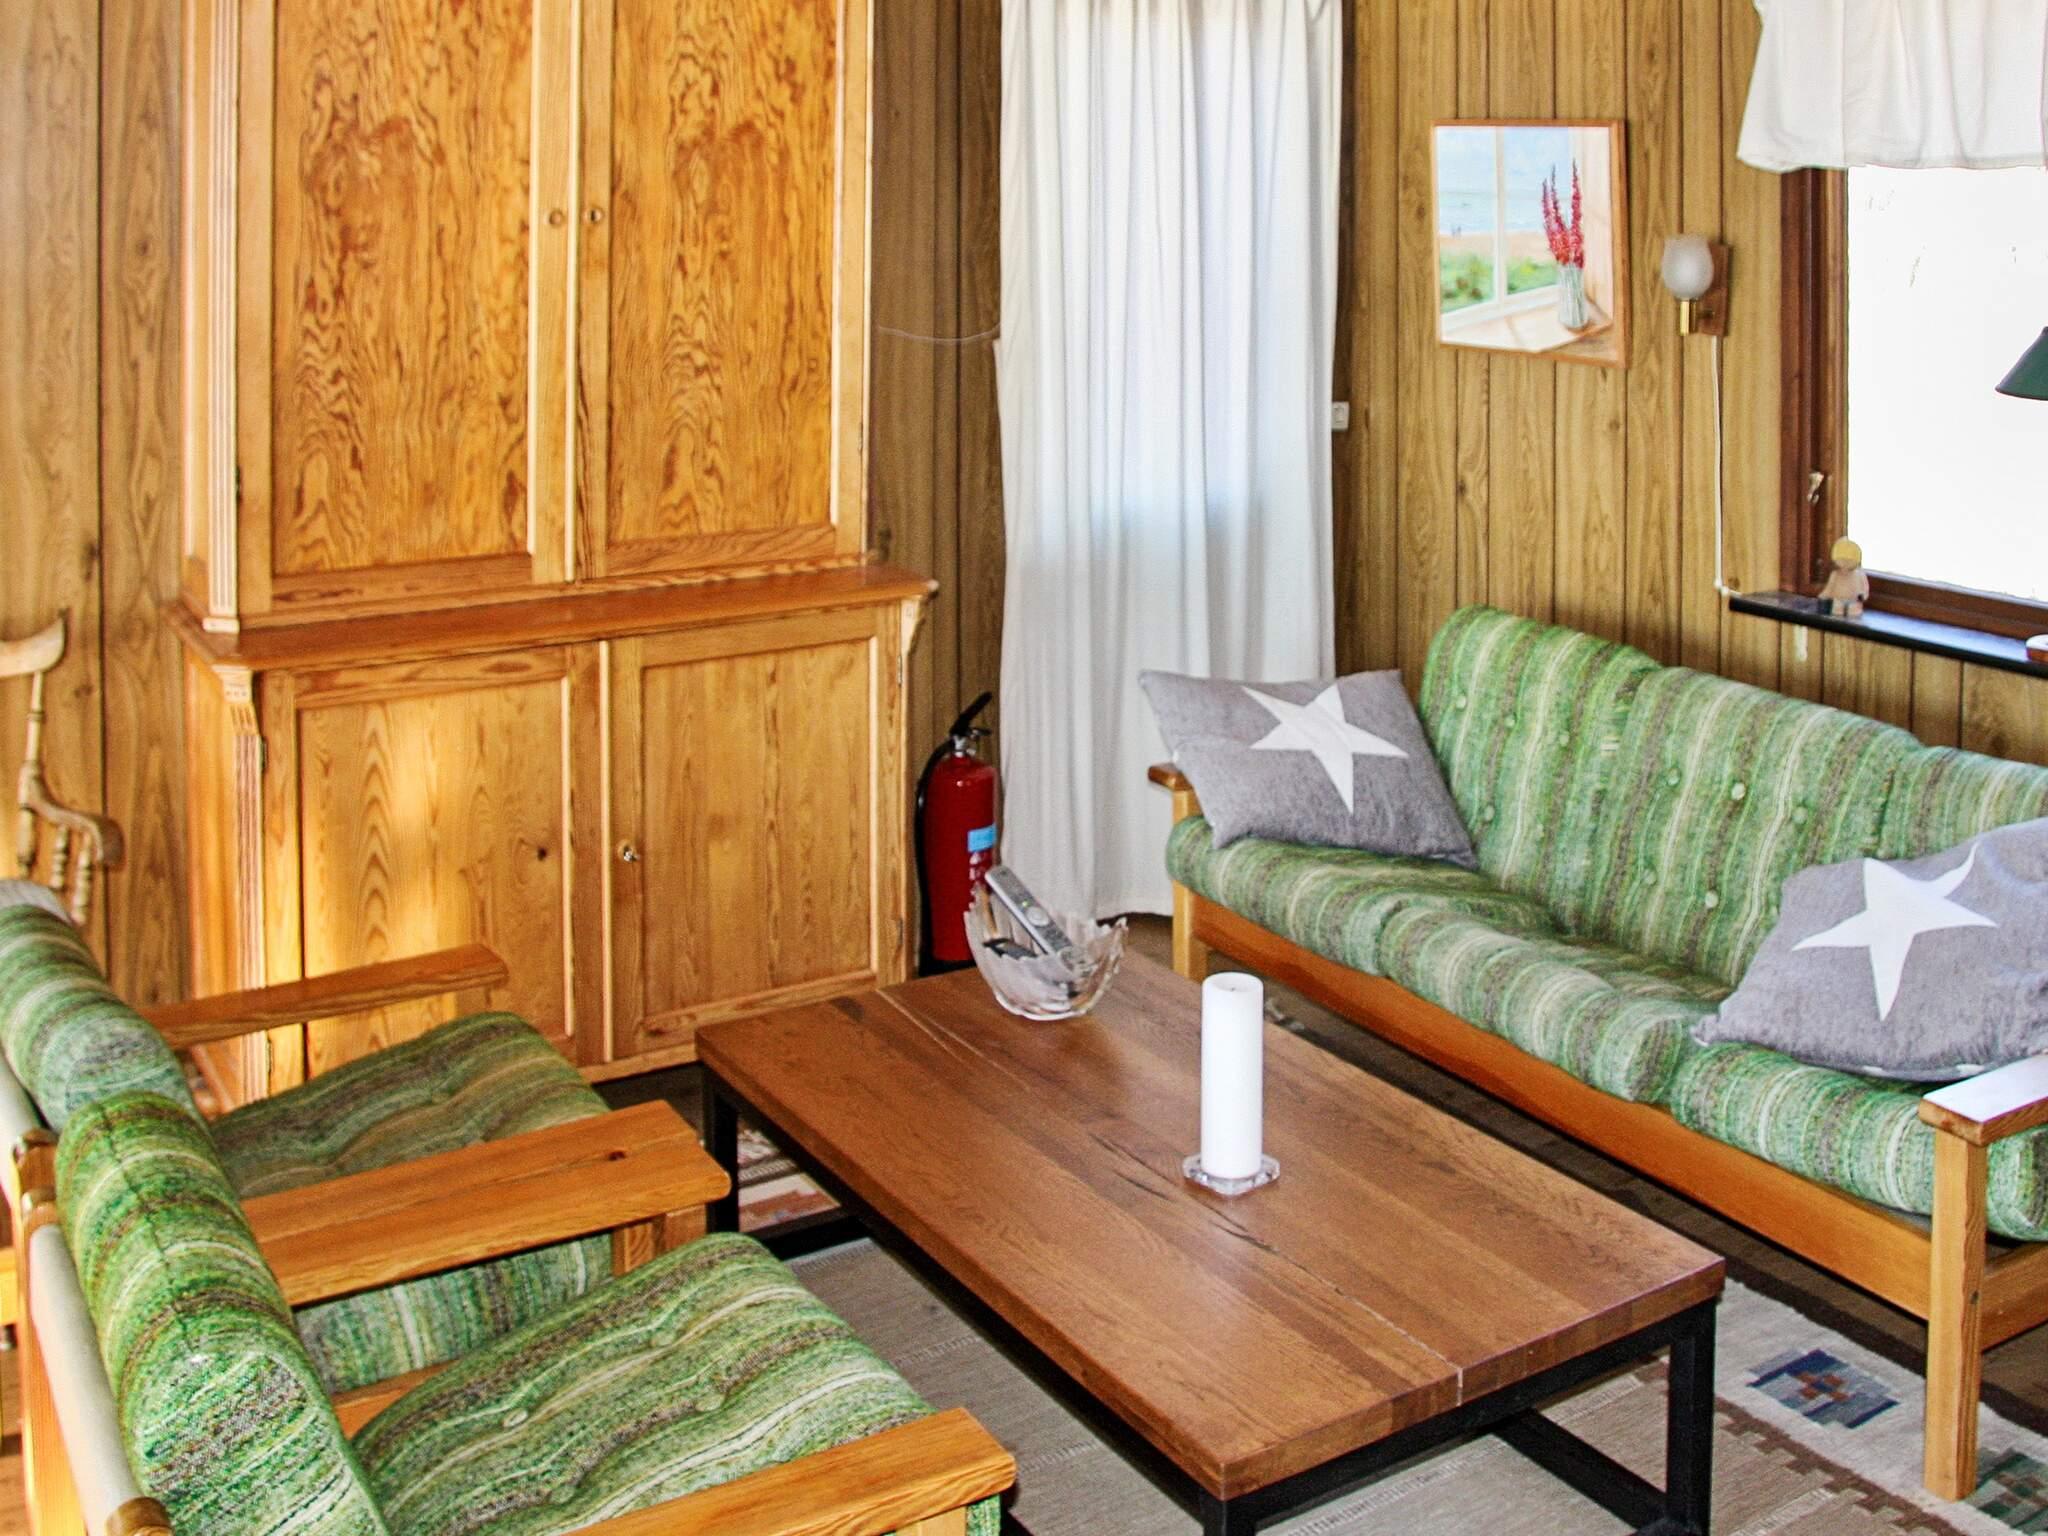 Ferienhaus Sandviken (2626804), Forsbacka, Gävleborgs län, Nordschweden, Schweden, Bild 7